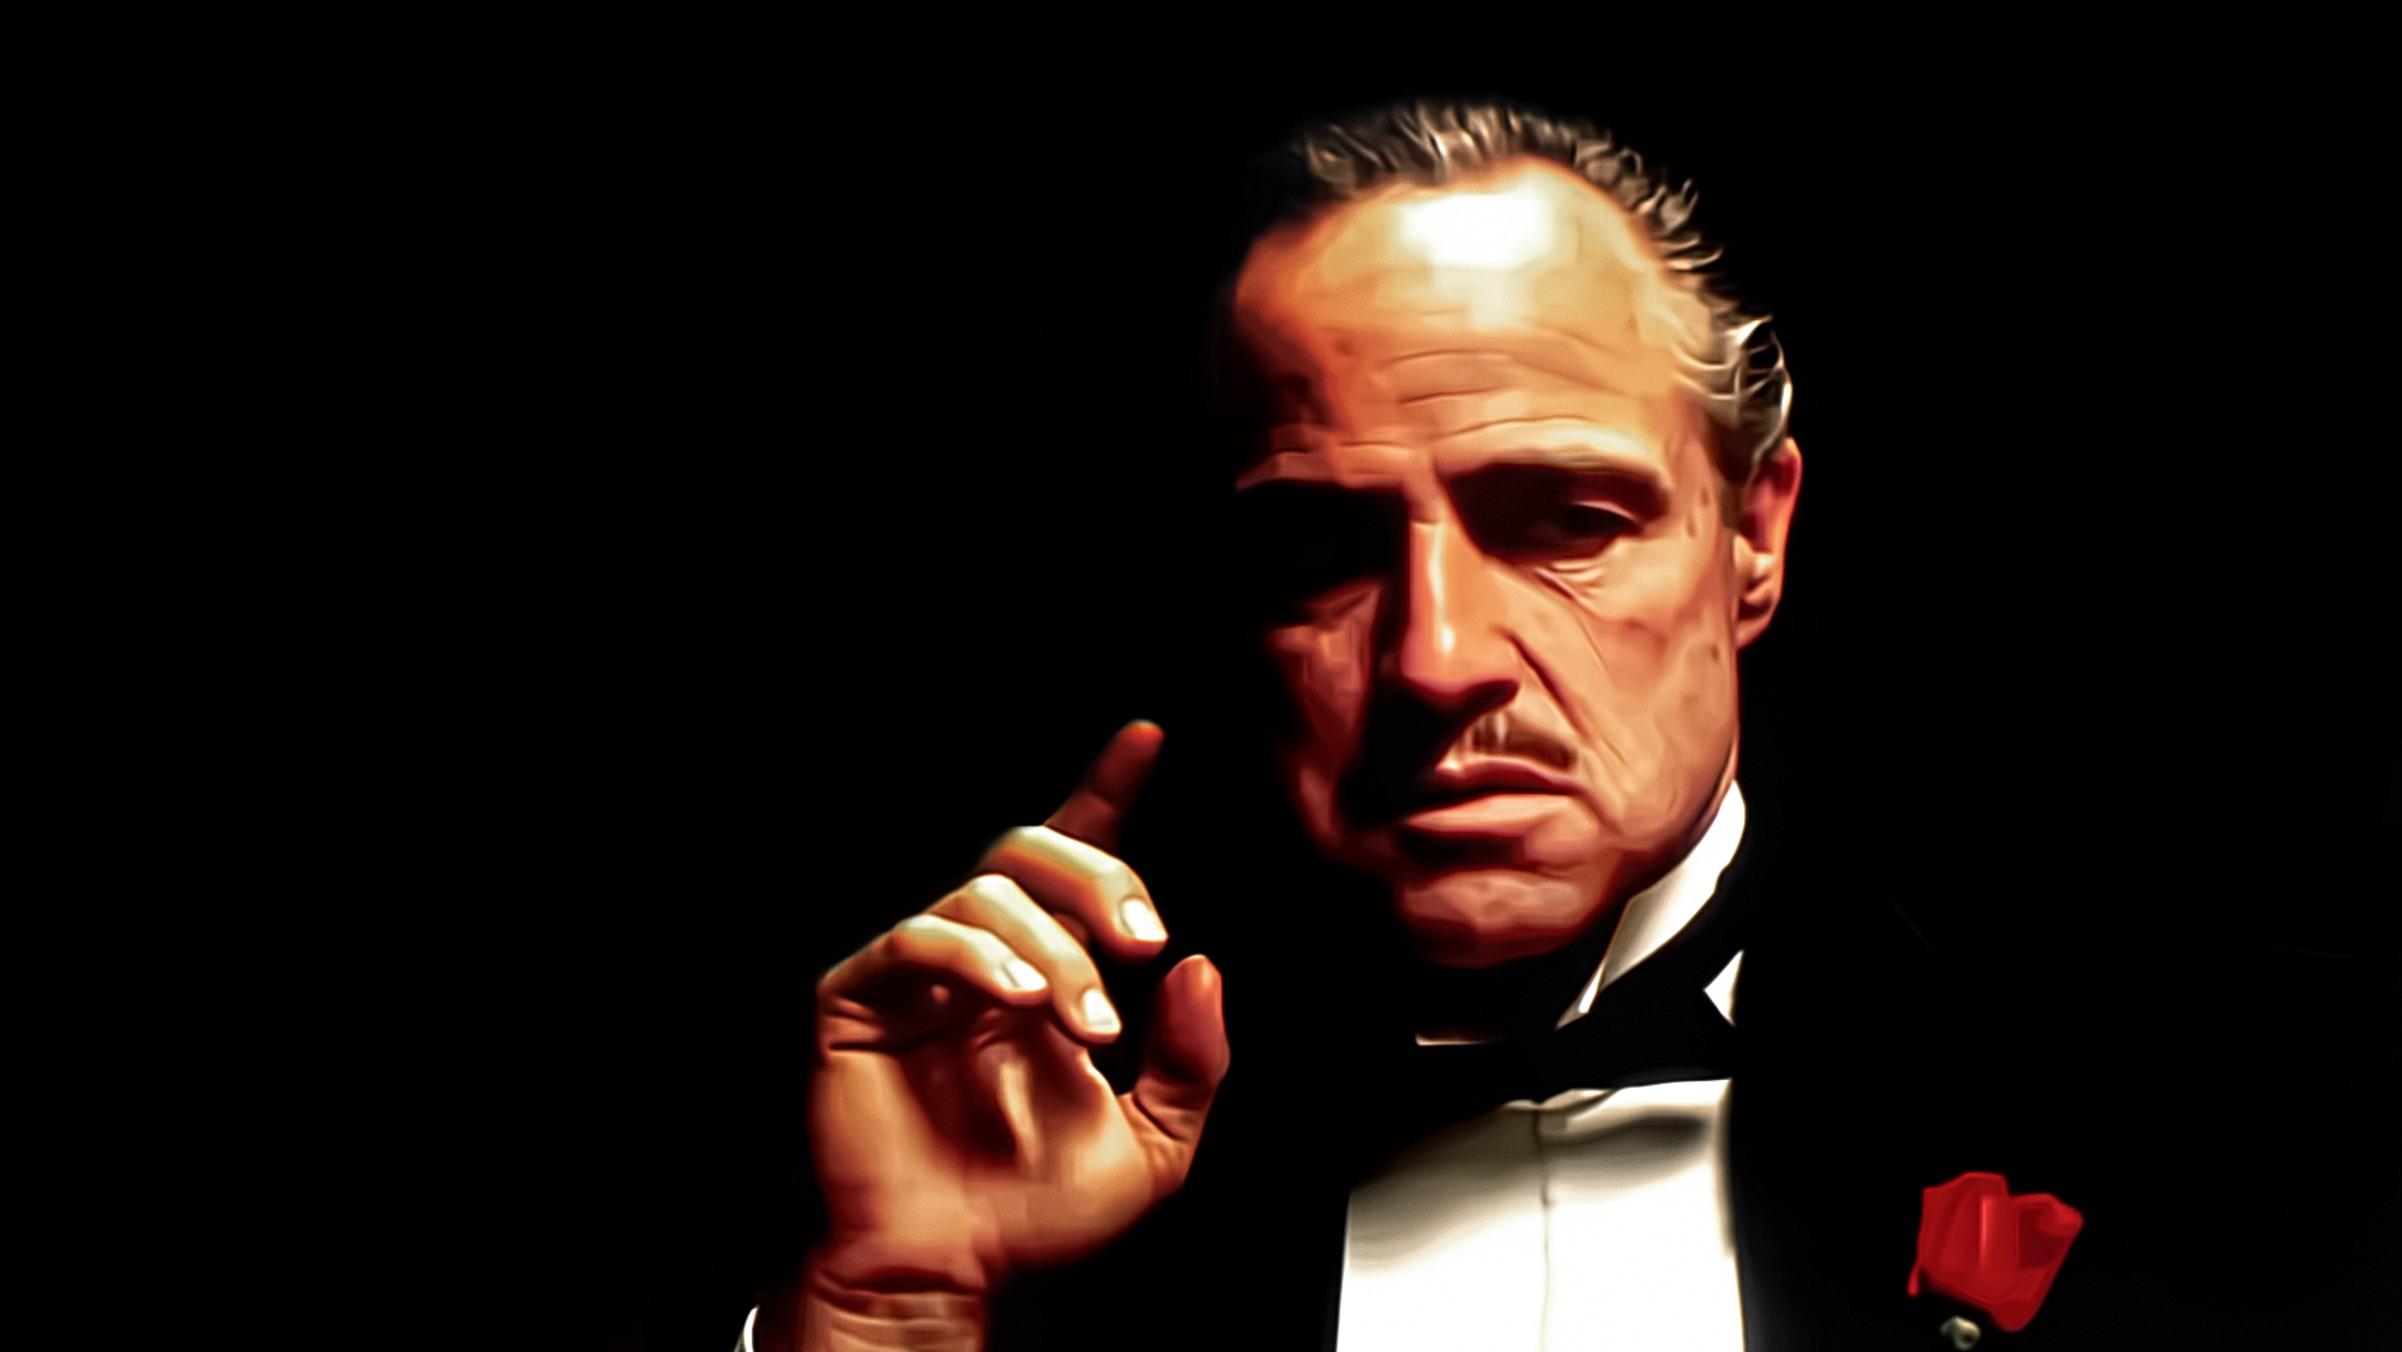 3454 - ¿Qué personaje mafioso del padrino eres?